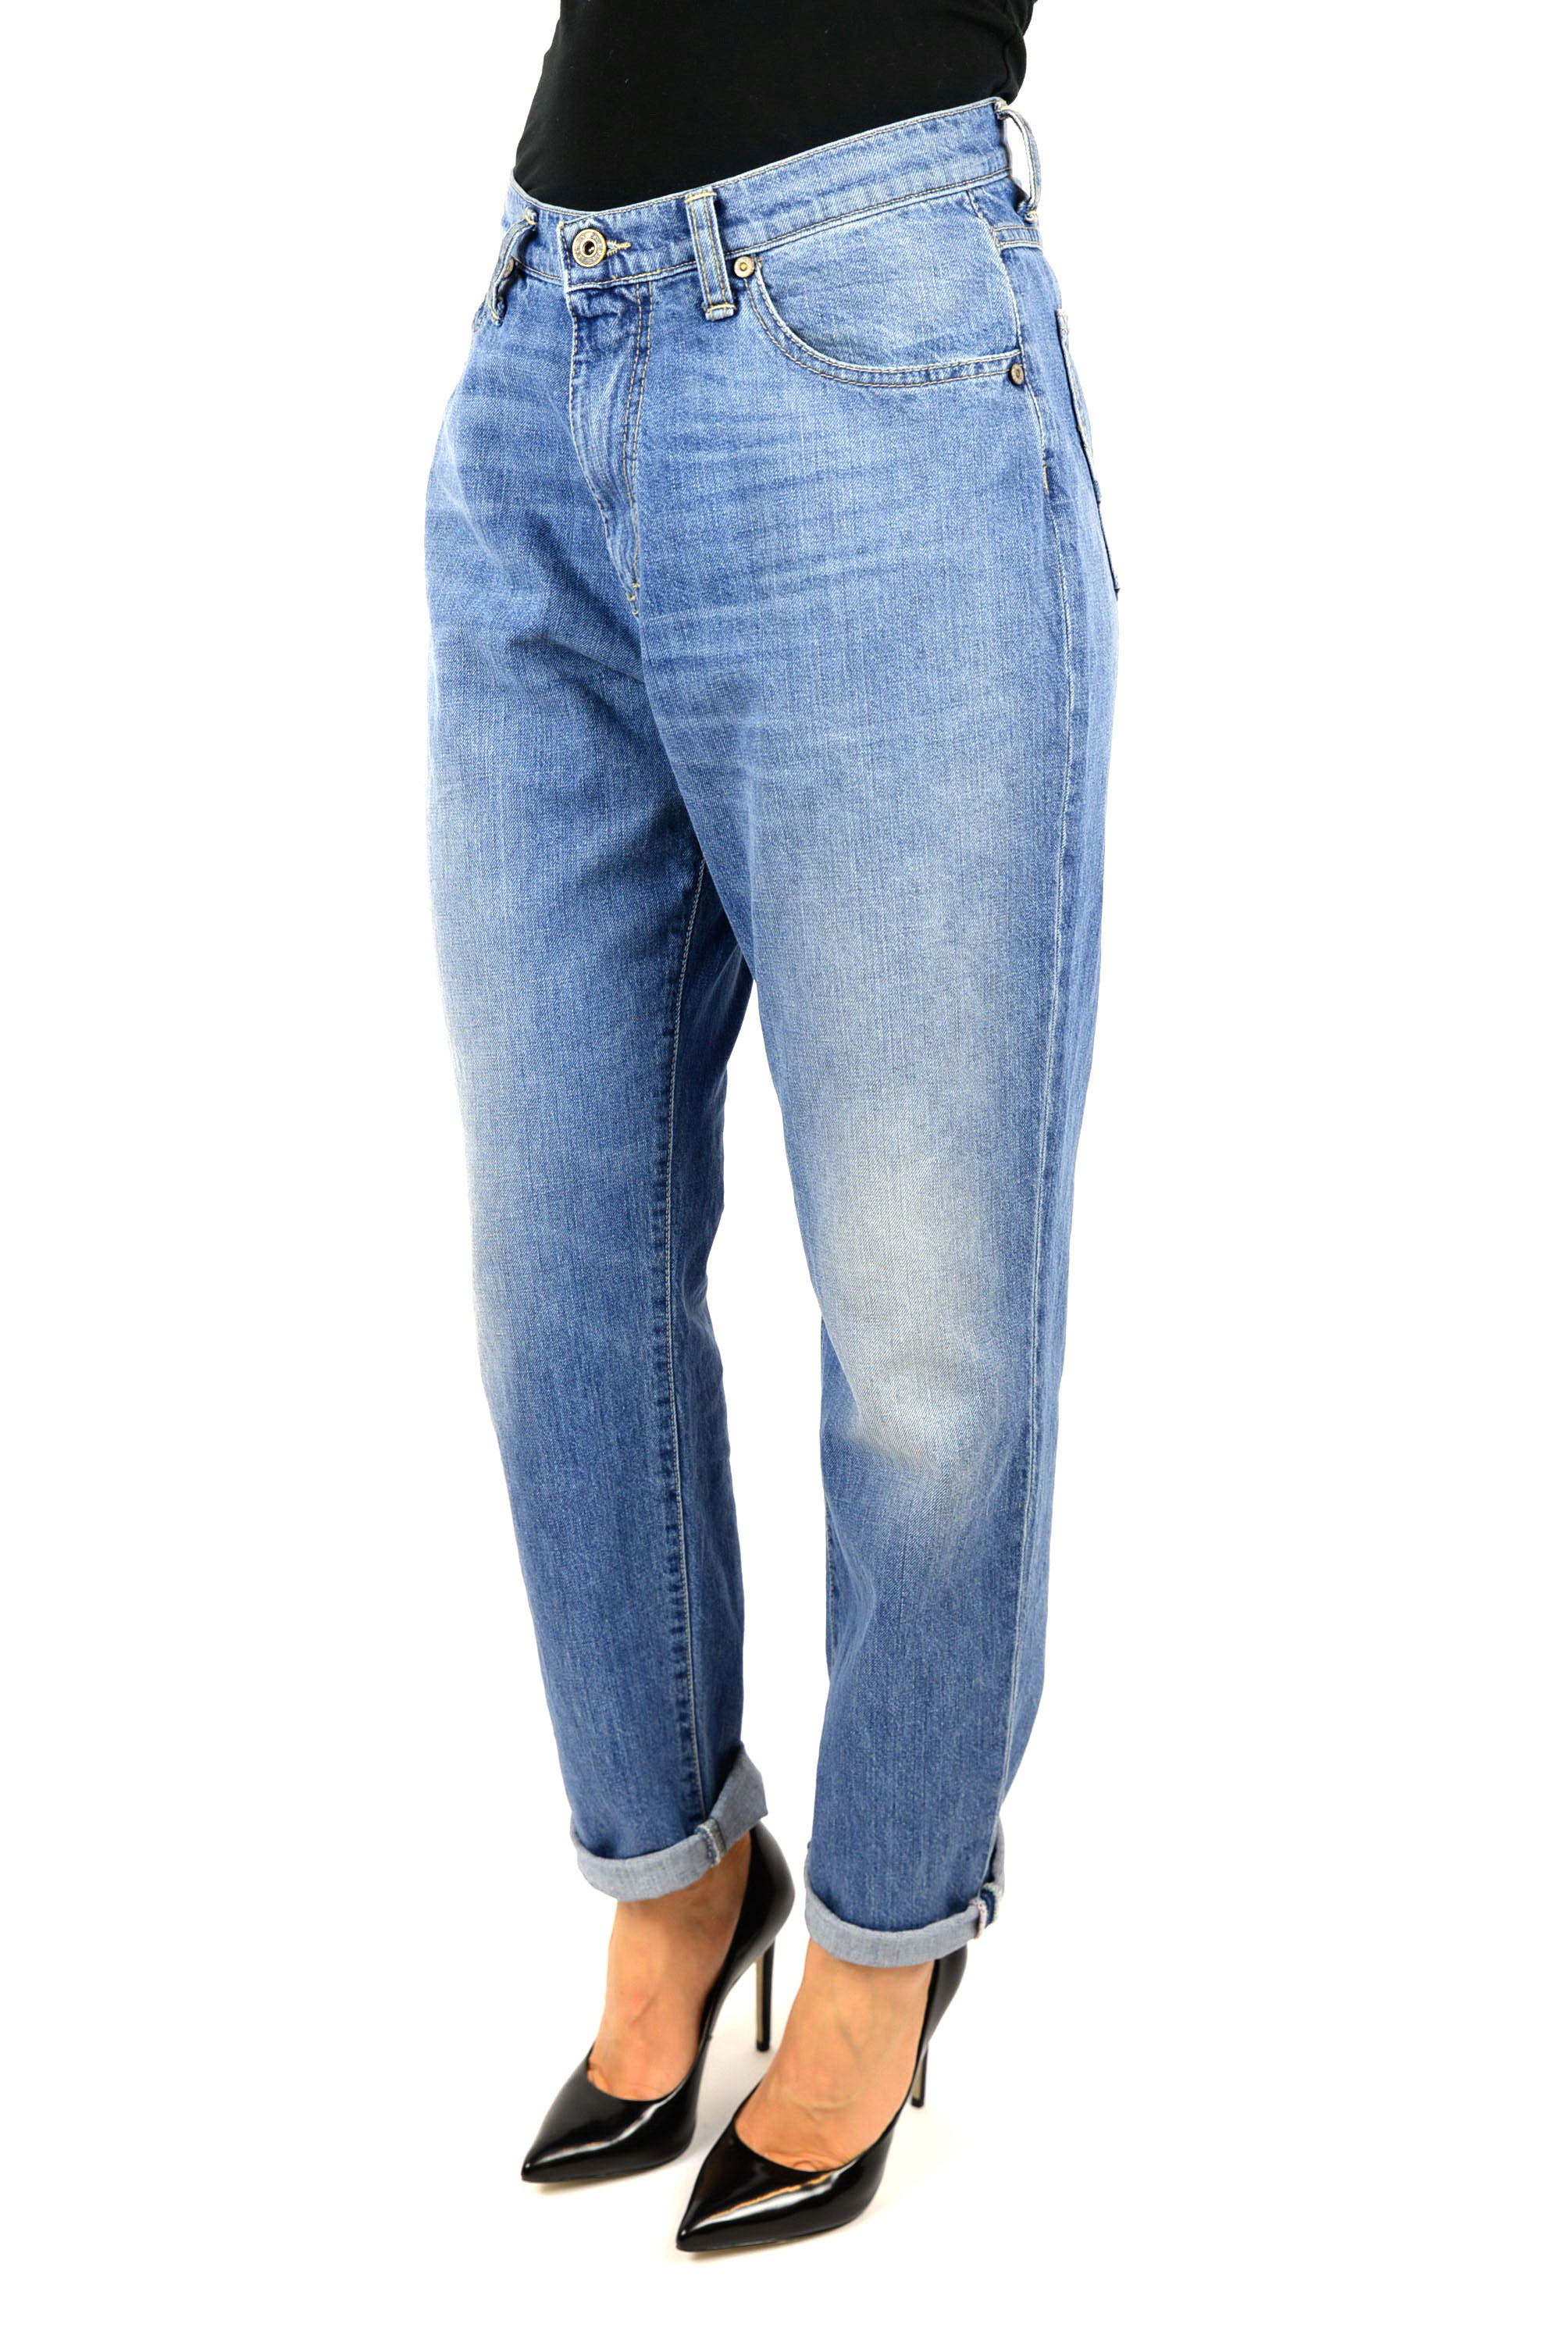 Jeans Jeans Boyfriend Boyfriend Chiaro Jeans Chiaro Boyfriend UxOzwW5qR